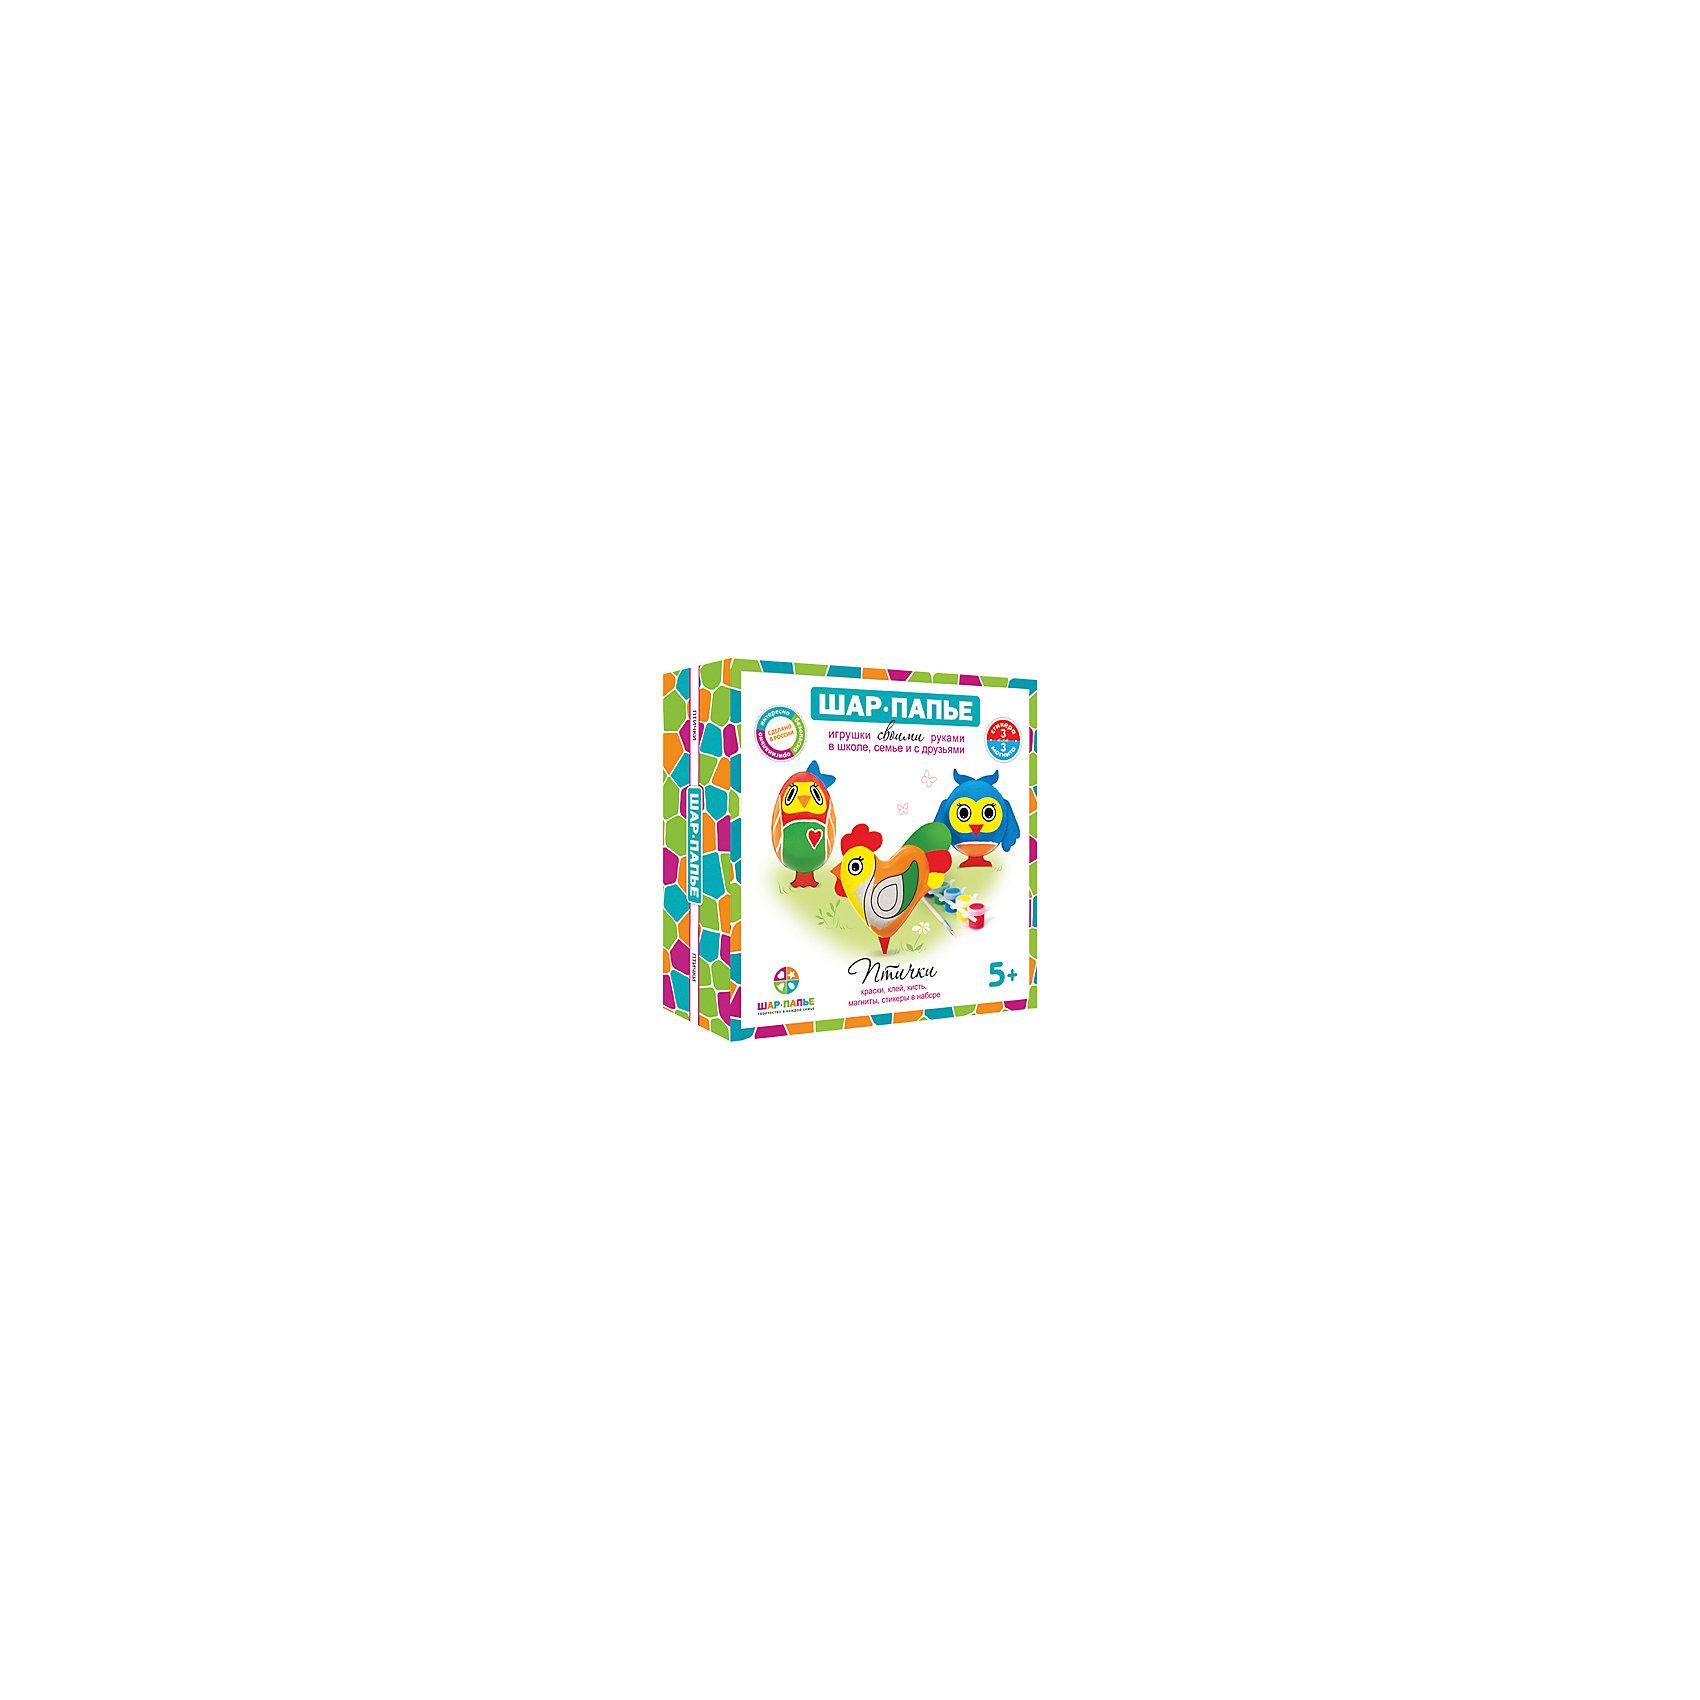 Набор для создания магнитов ПтичкиНабор для создания магнитов Птички - этот набор совмещает в себе интересный досуг и неограниченный простор для творчества.<br>С набором для создания магнитов Птички ваш ребенок сделает свой первый шаг в мир искусства, создав три чудесных магнита в виде забавных птичек. Сначала нужно соединить части фигурок, изготовленные по технологии шар-папье, а затем декорировать фигурки так, как подскажет фантазия. Придуманный уникальный дизайн сделает фигурки неповторимыми и притягивающими взгляды. Приклеив к получившимся фигурам магниты, ребенок сможет прикрепить их к любой металлической поверхности. Набор для создания магнитов Птички идеально подойдет для совместного семейного творчества и наполнит ваши домашние вечера новыми радостными впечатлениями.<br><br>Дополнительная информация:<br><br>- В наборе: заготовки для изготовления 3 фигурок из папье-маше и картона, краски, кисть, клей, магниты, стикеры<br>- Упаковка: картонная коробка<br>- Размер упаковки: 15,3х15,3х4,5 см.<br>- Вес: 250 гр.<br><br>Набор для создания магнитов Птички можно купить в нашем интернет-магазине.<br><br>Ширина мм: 315<br>Глубина мм: 315<br>Высота мм: 315<br>Вес г: 250<br>Возраст от месяцев: 36<br>Возраст до месяцев: 144<br>Пол: Унисекс<br>Возраст: Детский<br>SKU: 4648181